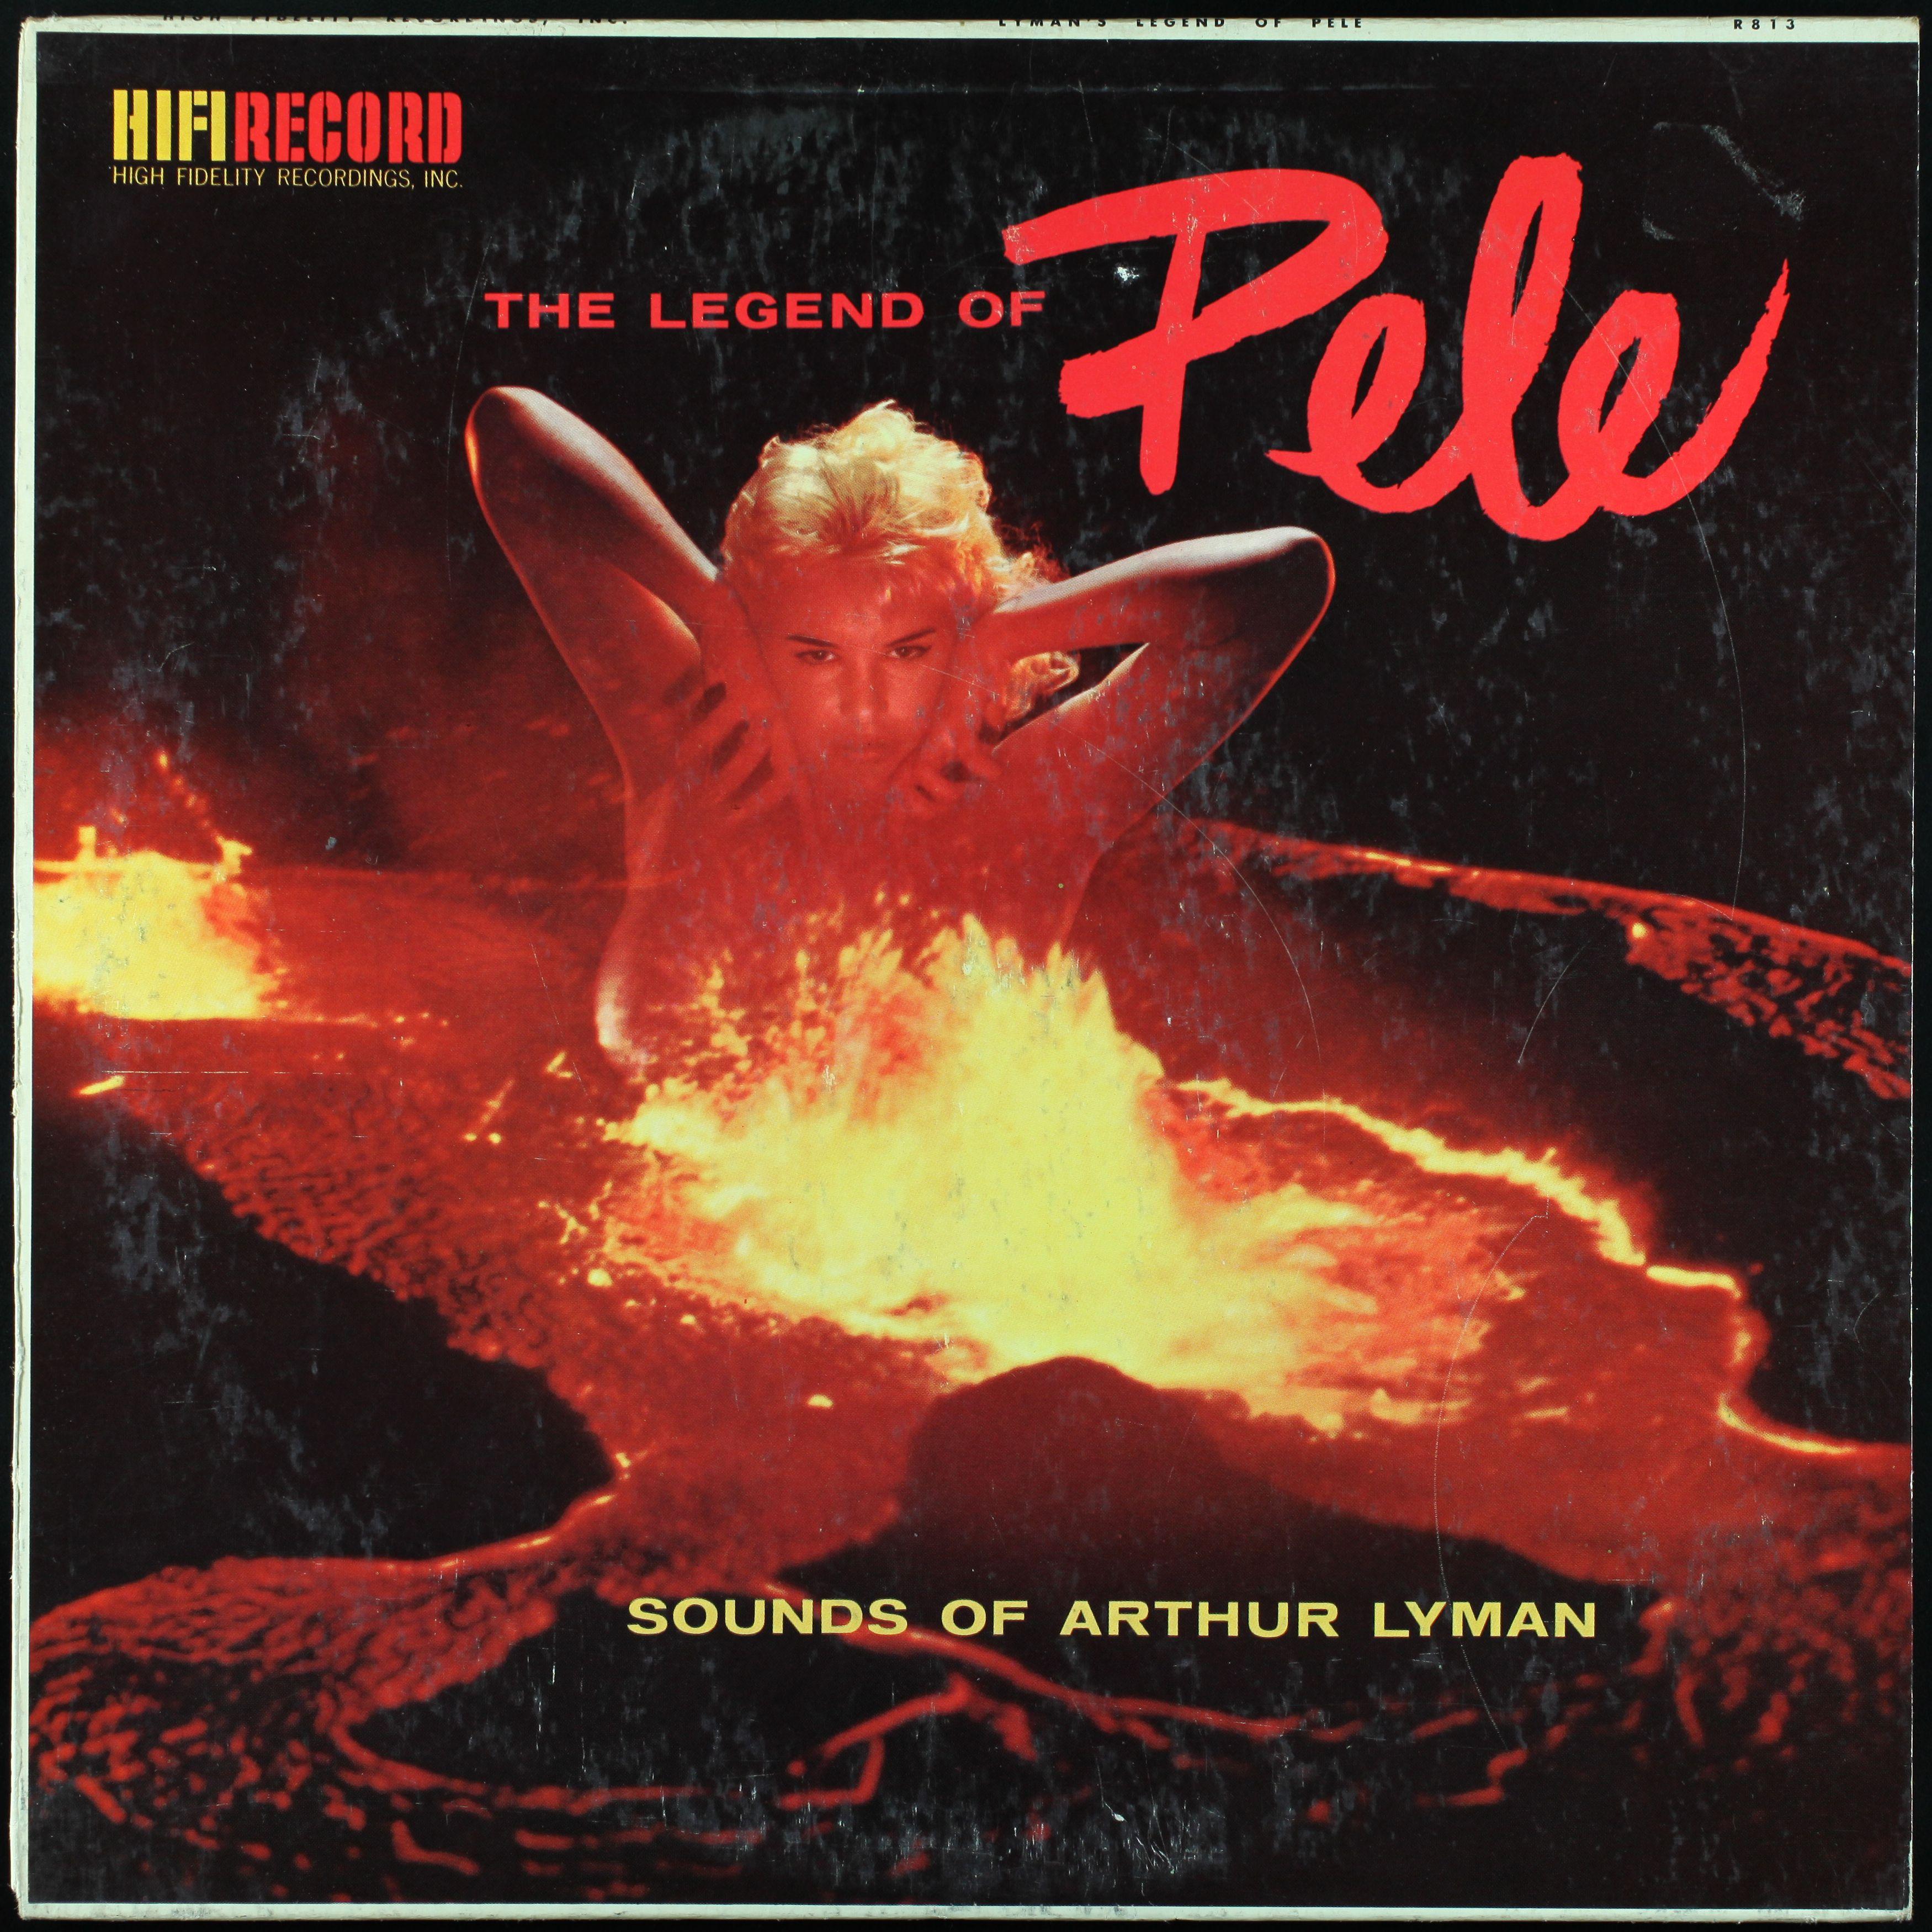 """Arthur Lyman """"The Legend of Pele"""", 1959"""